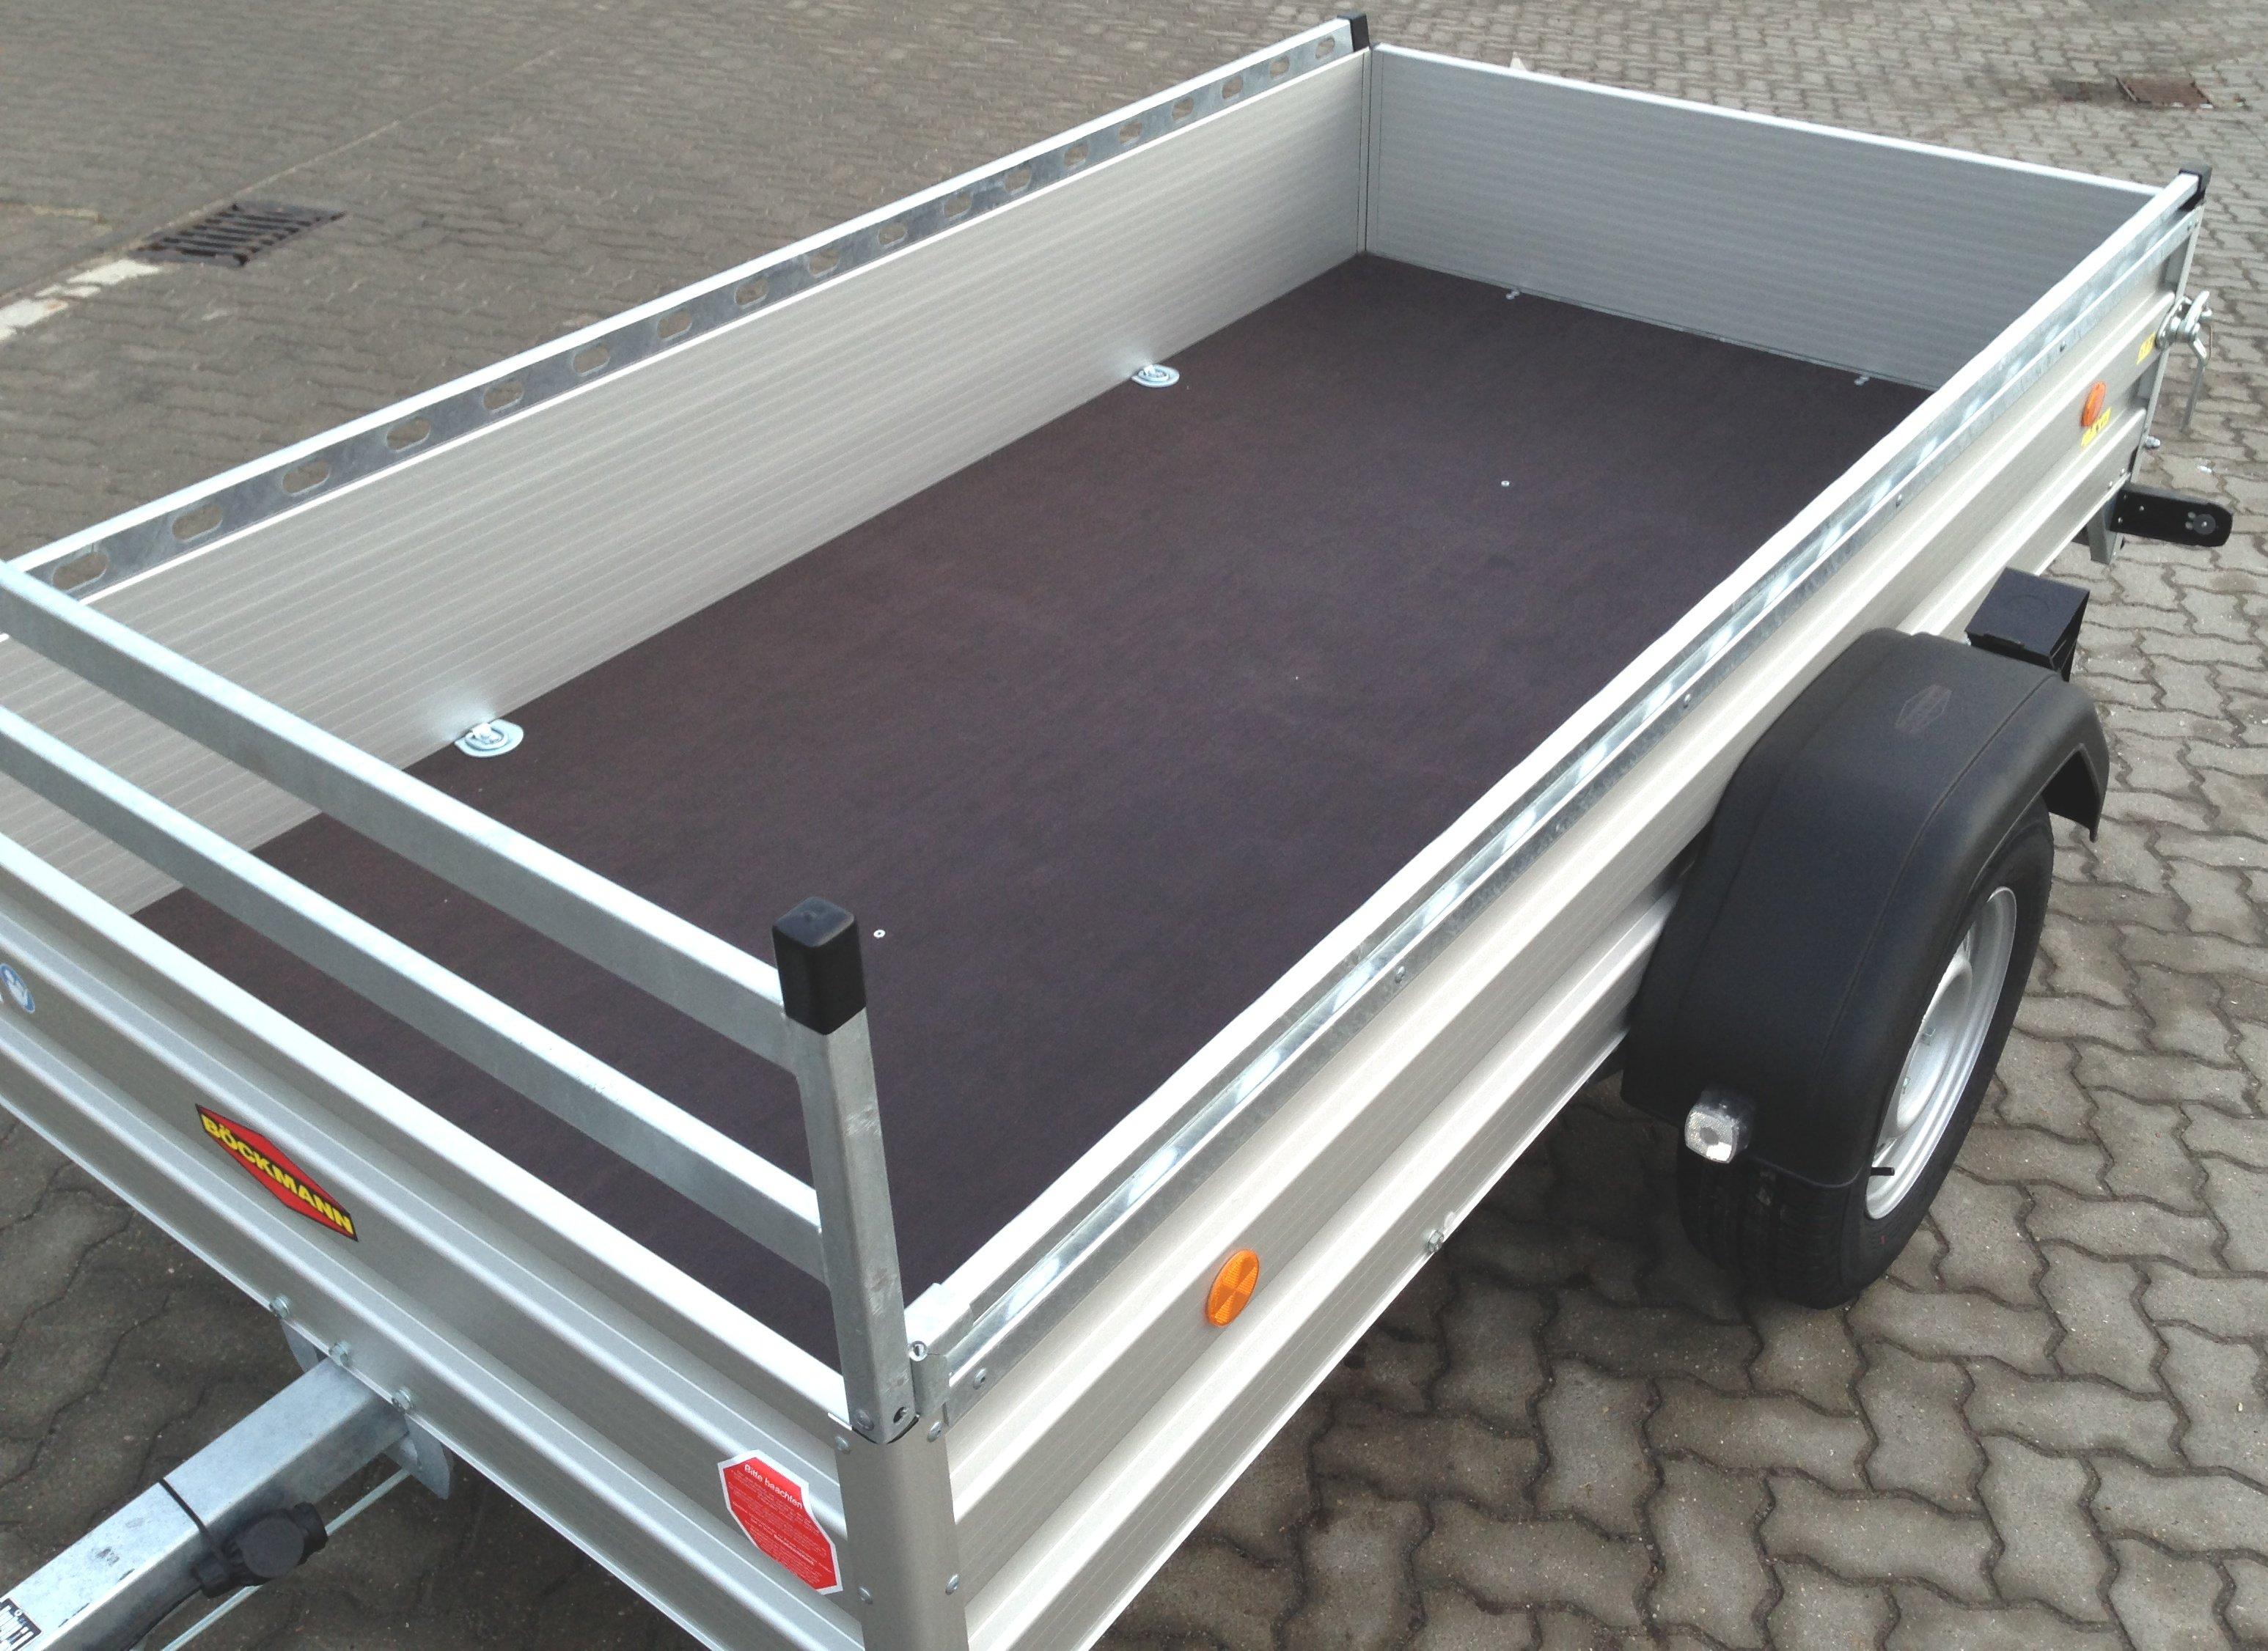 b ckmann tl al 2513 135 inkl profi paket jetzt kaufen. Black Bedroom Furniture Sets. Home Design Ideas